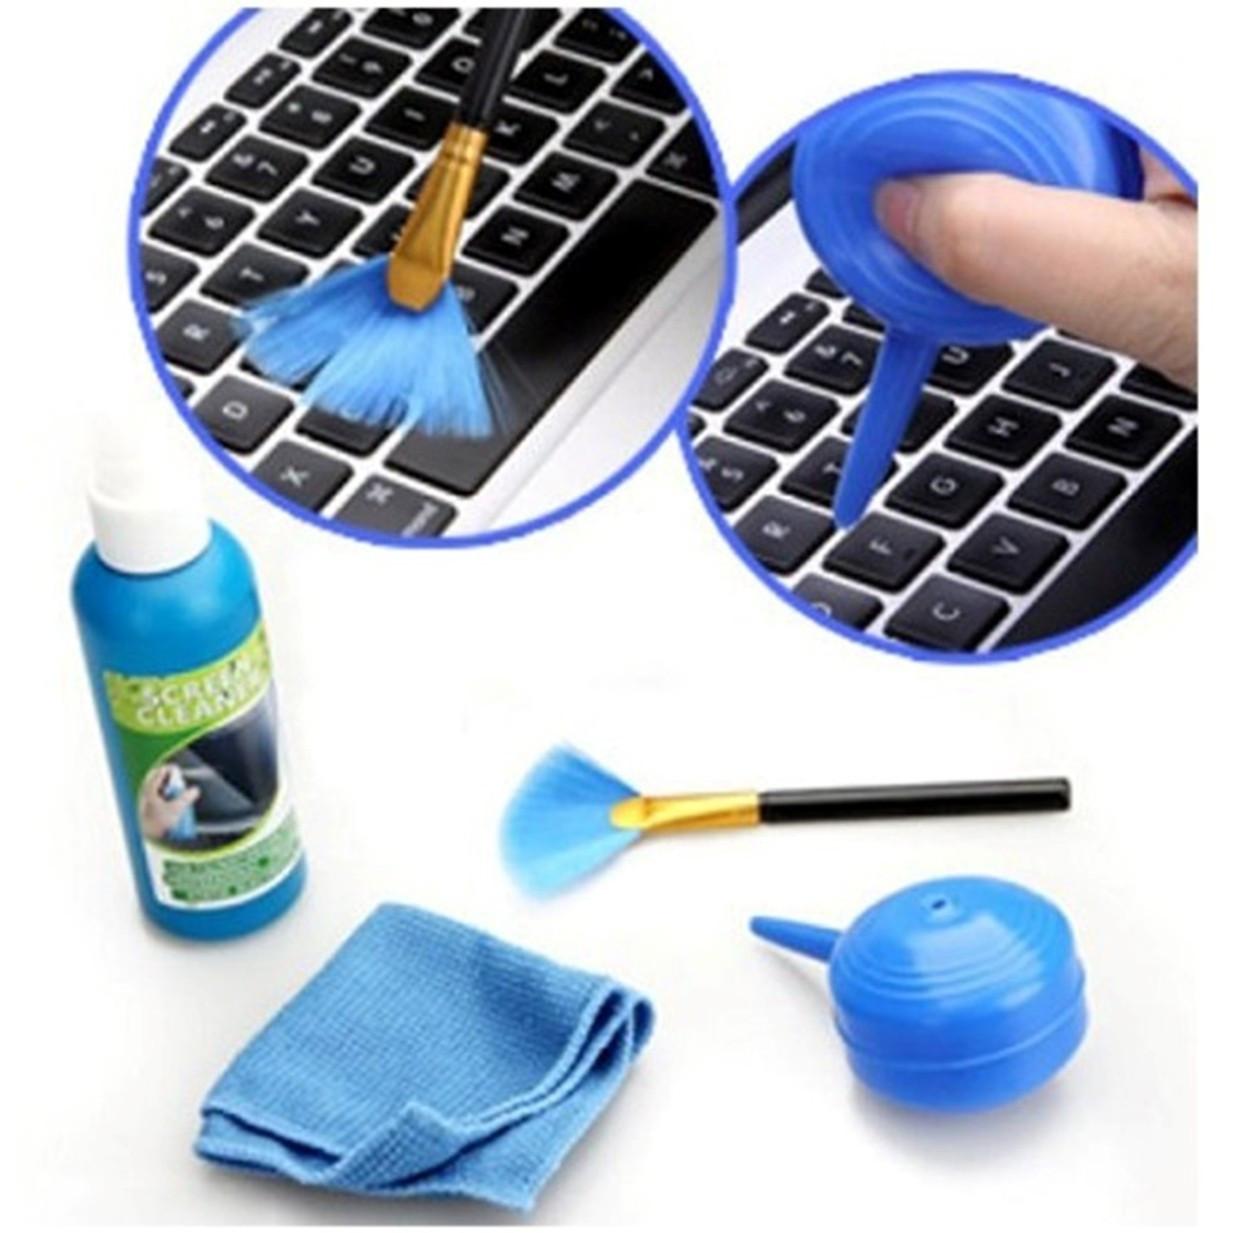 Bộ vệ sinh laptop LCD Cleaning KIT 4 món - Hàng nhập khẩu